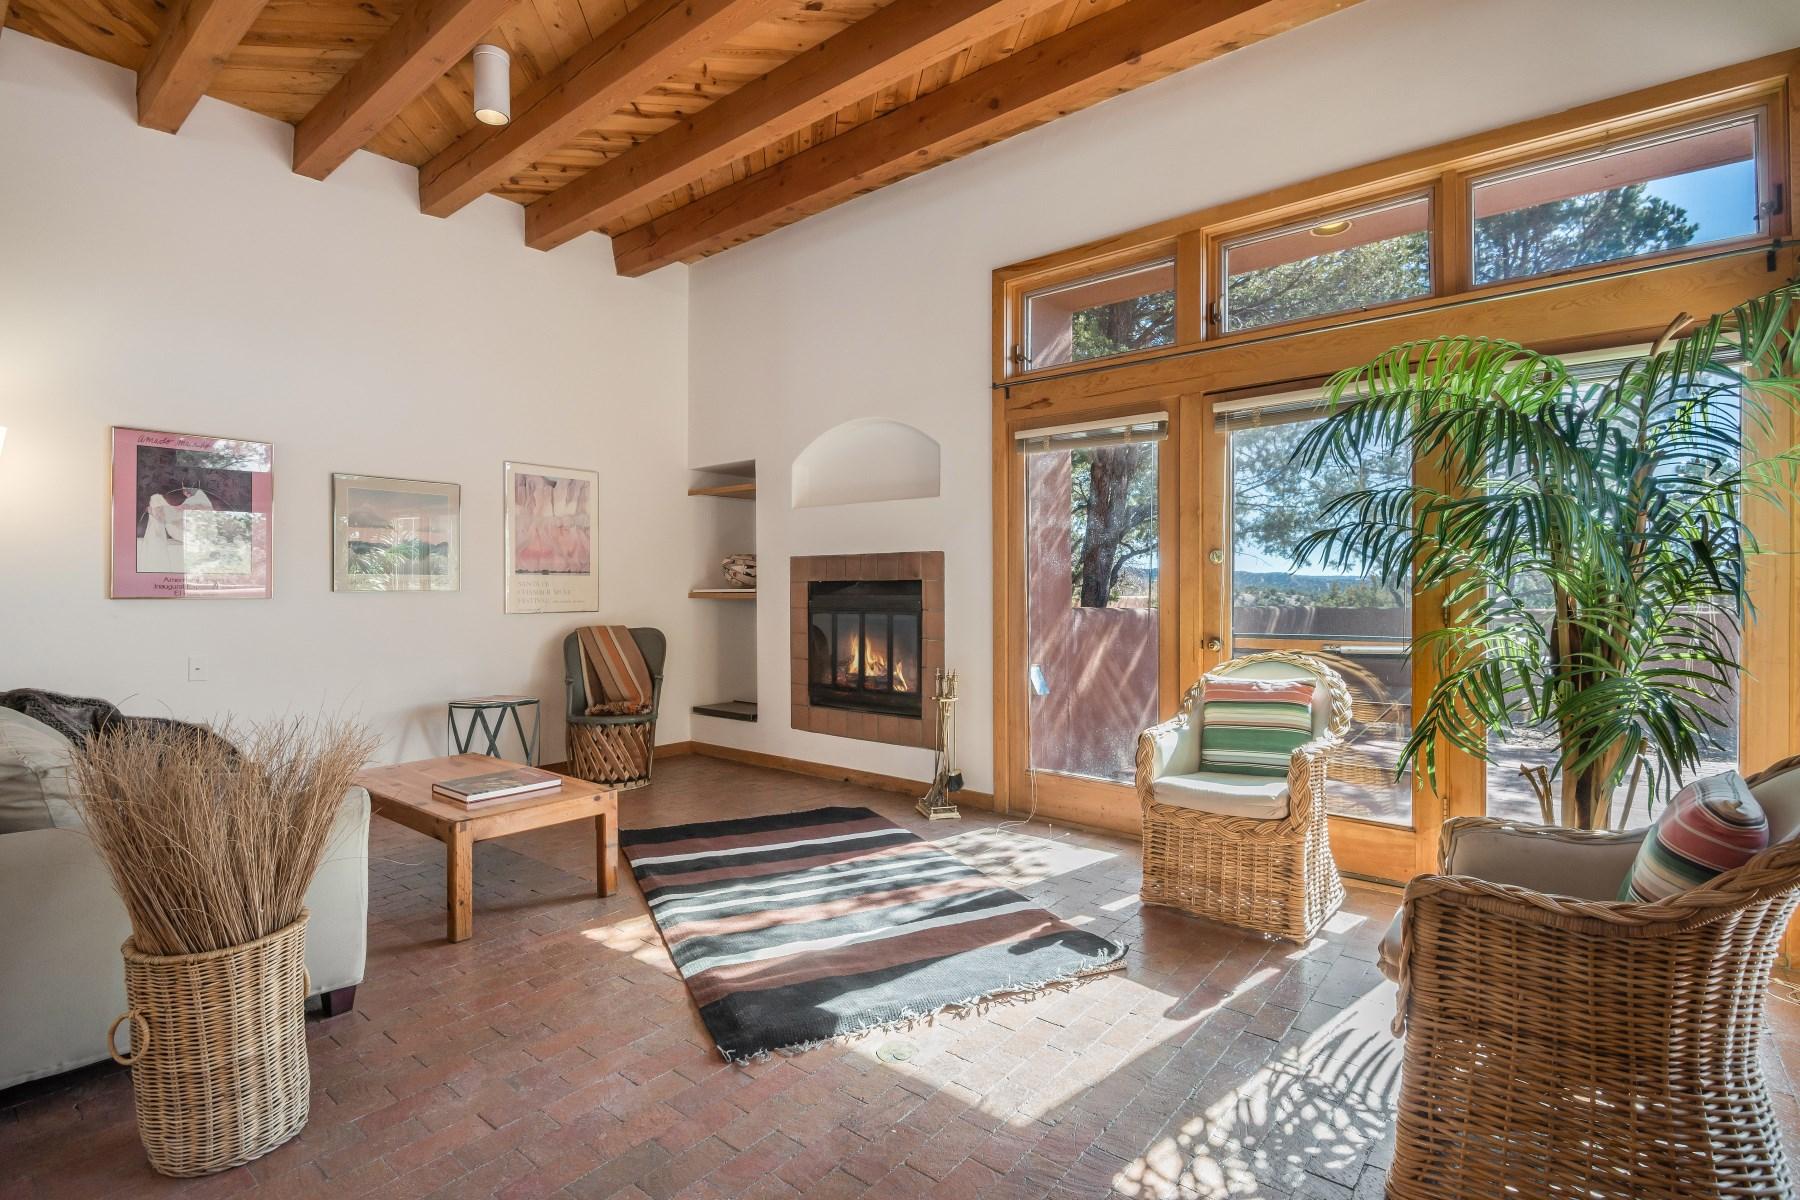 共管物業 為 出售 在 22 Pueblo de Cielo, Unit 212/412 Santa Fe, 新墨西哥州, 87506 美國